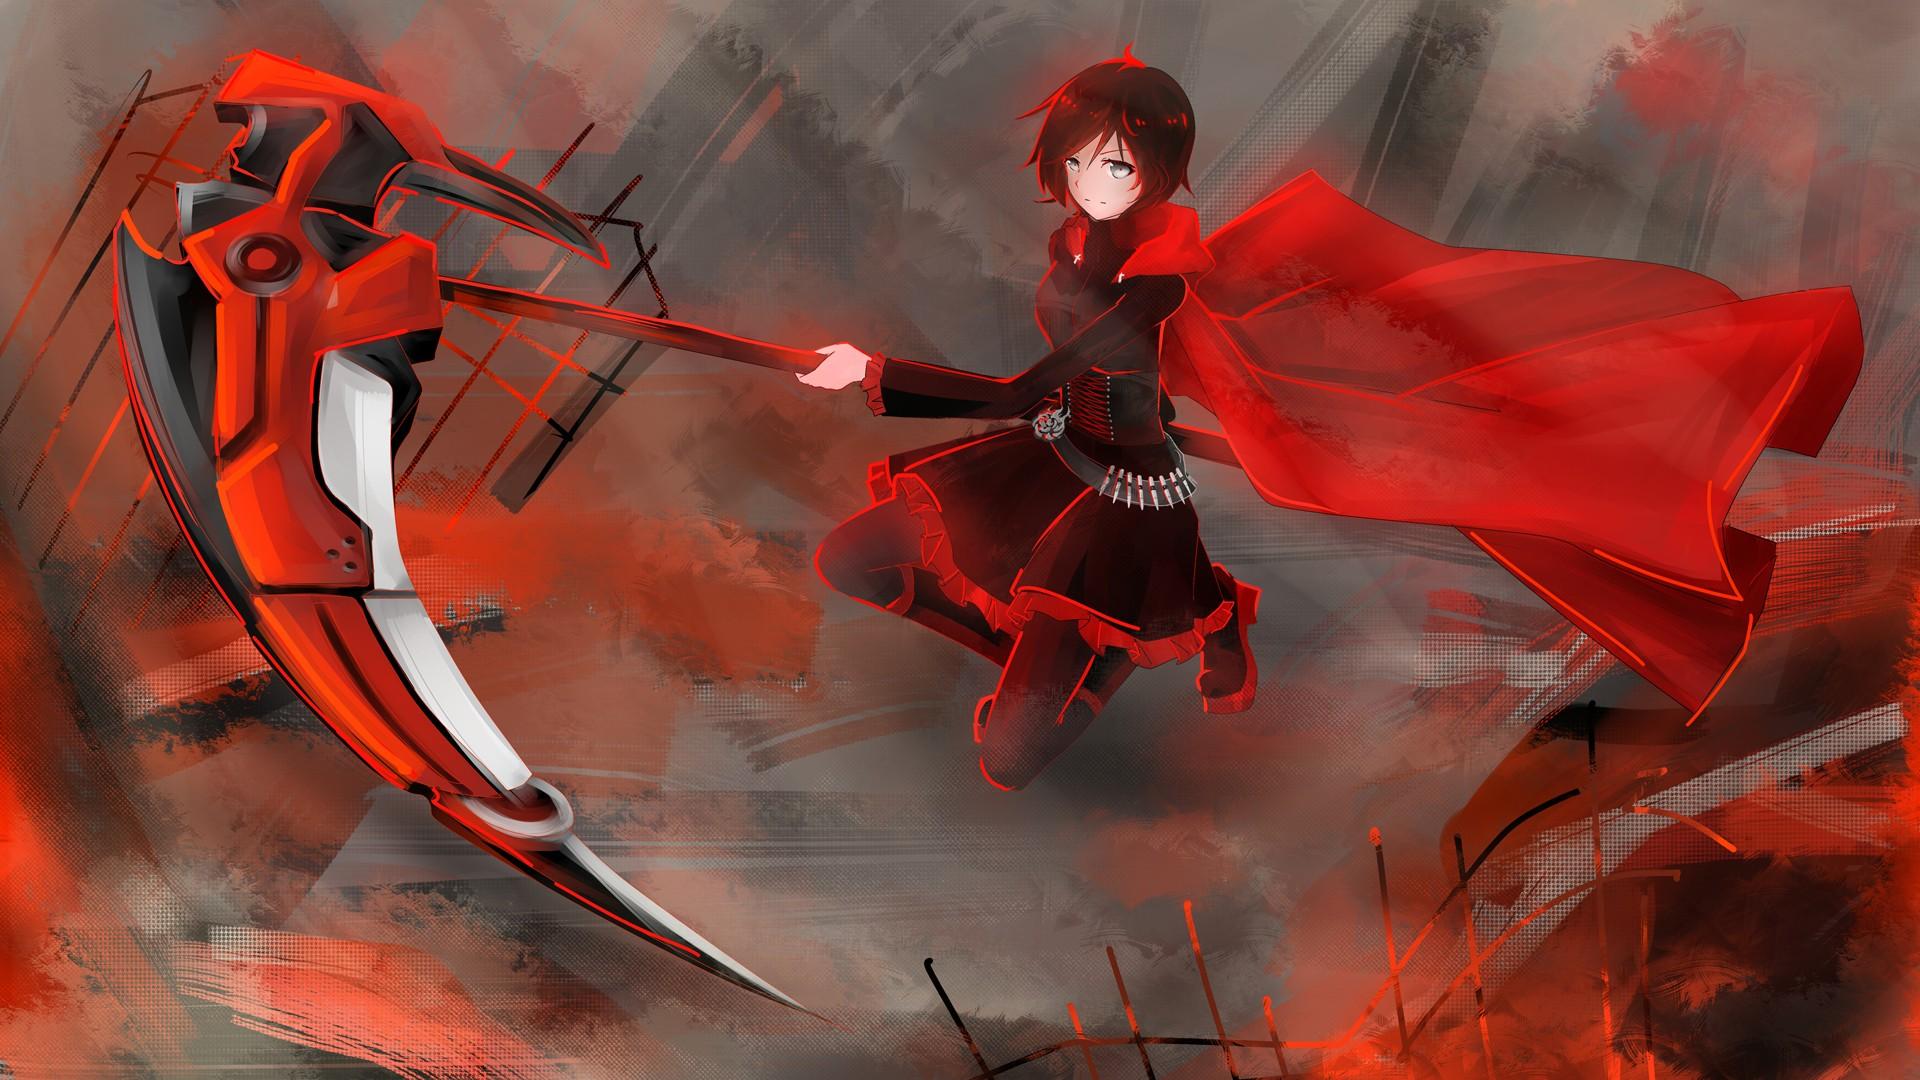 Rwby anime scythe wallpaper 1920x1080 129311 wallpaperup - Anime scythe wallpaper ...